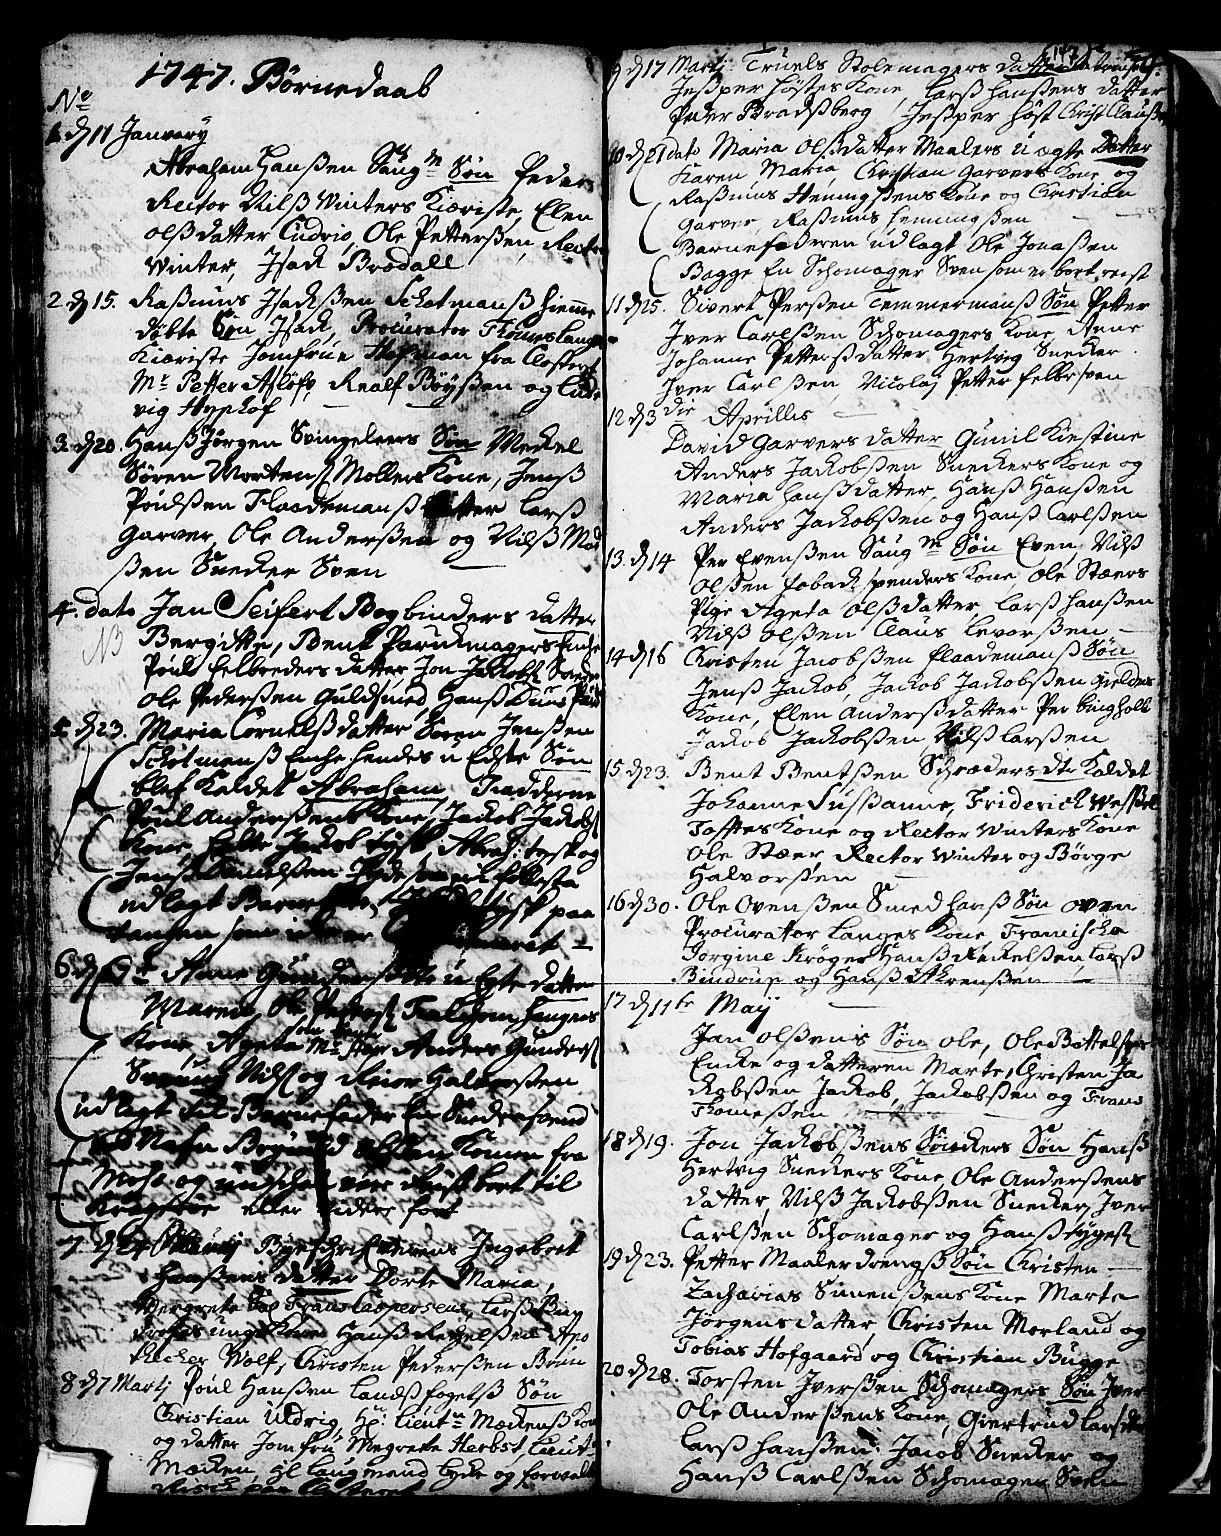 SAKO, Skien kirkebøker, F/Fa/L0002: Ministerialbok nr. 2, 1716-1757, s. 147